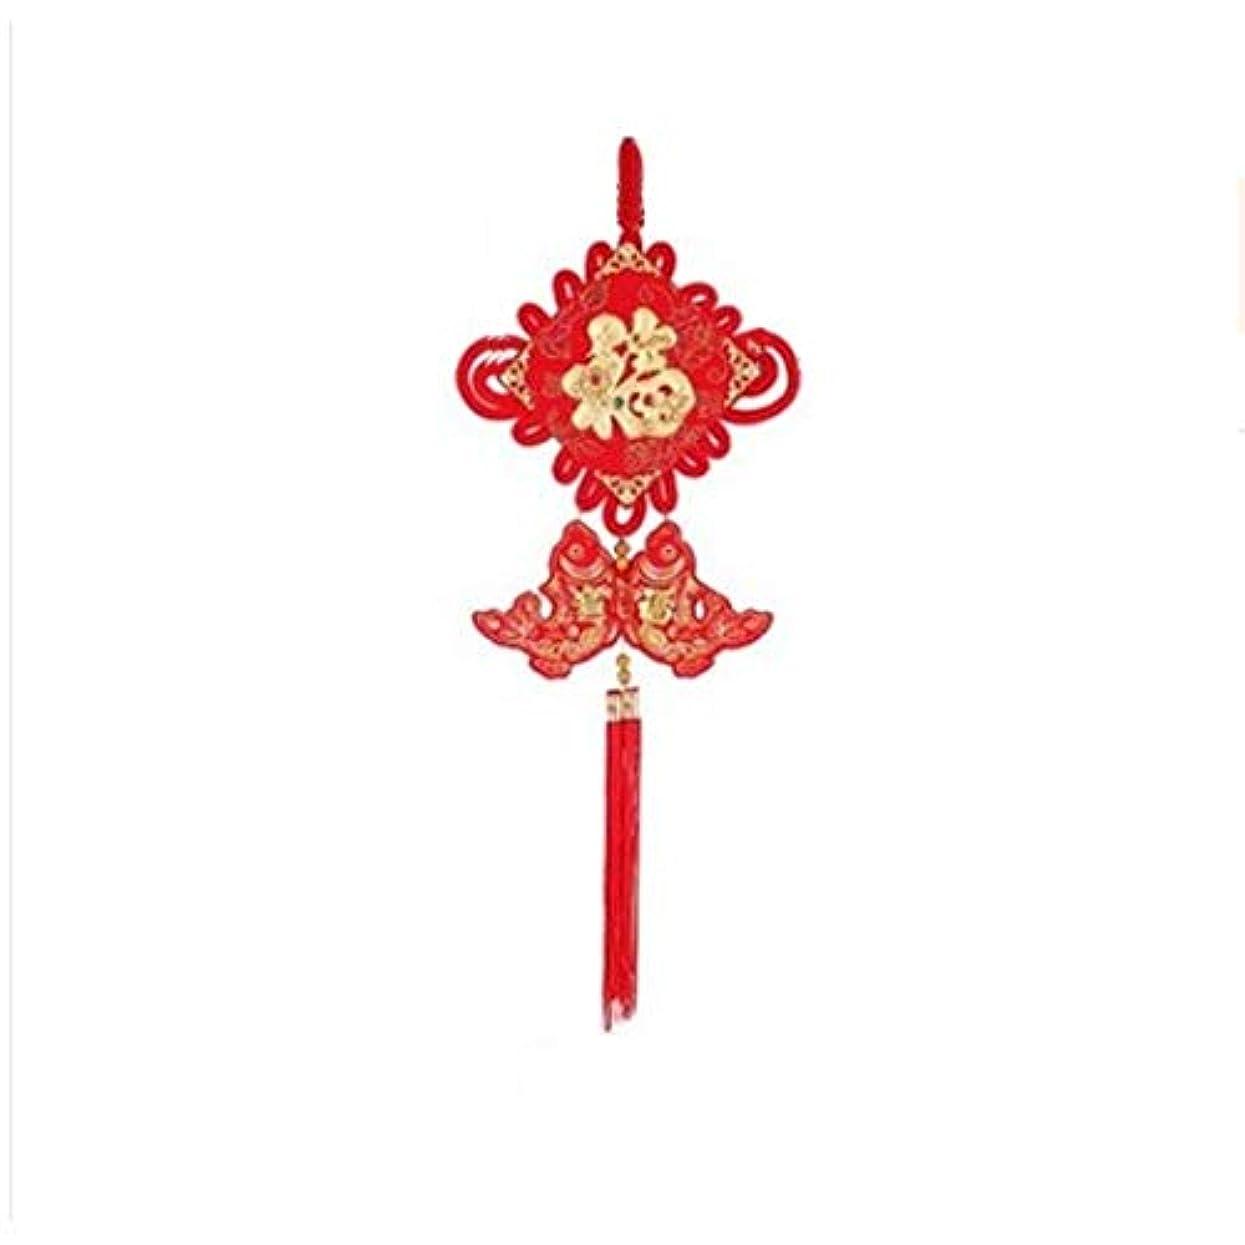 進化する主観的タイプライターHongyushanghang 高品位の赤の祝福中国の結び目、中国の新年ぶら下げ装飾品、ギフト、家の装飾、赤,、ジュエリークリエイティブホリデーギフトを掛ける (Size : 80cm)